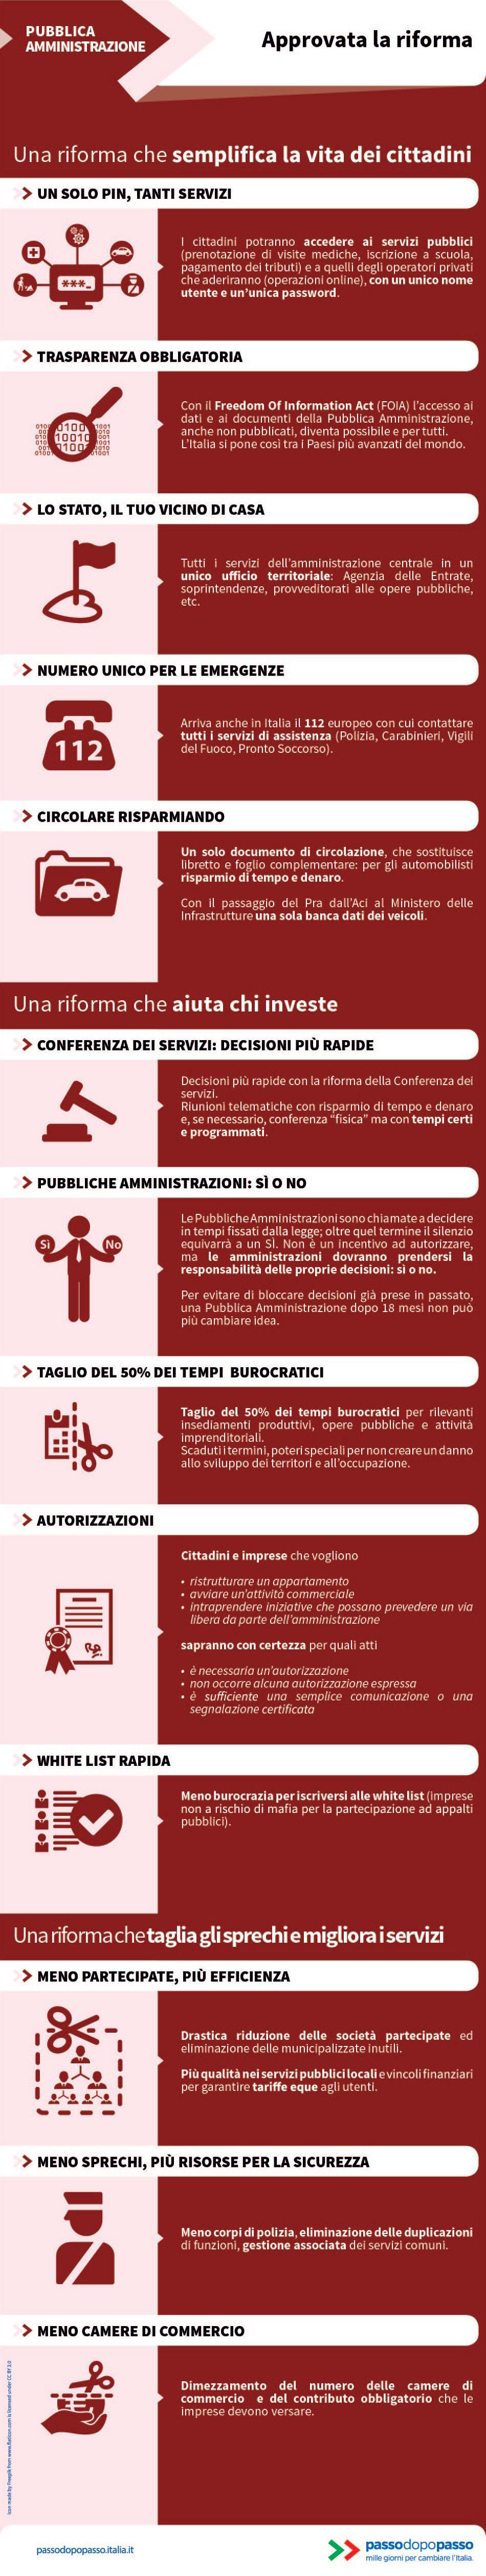 Infografica: La Riforma della Pubblica amministrazione